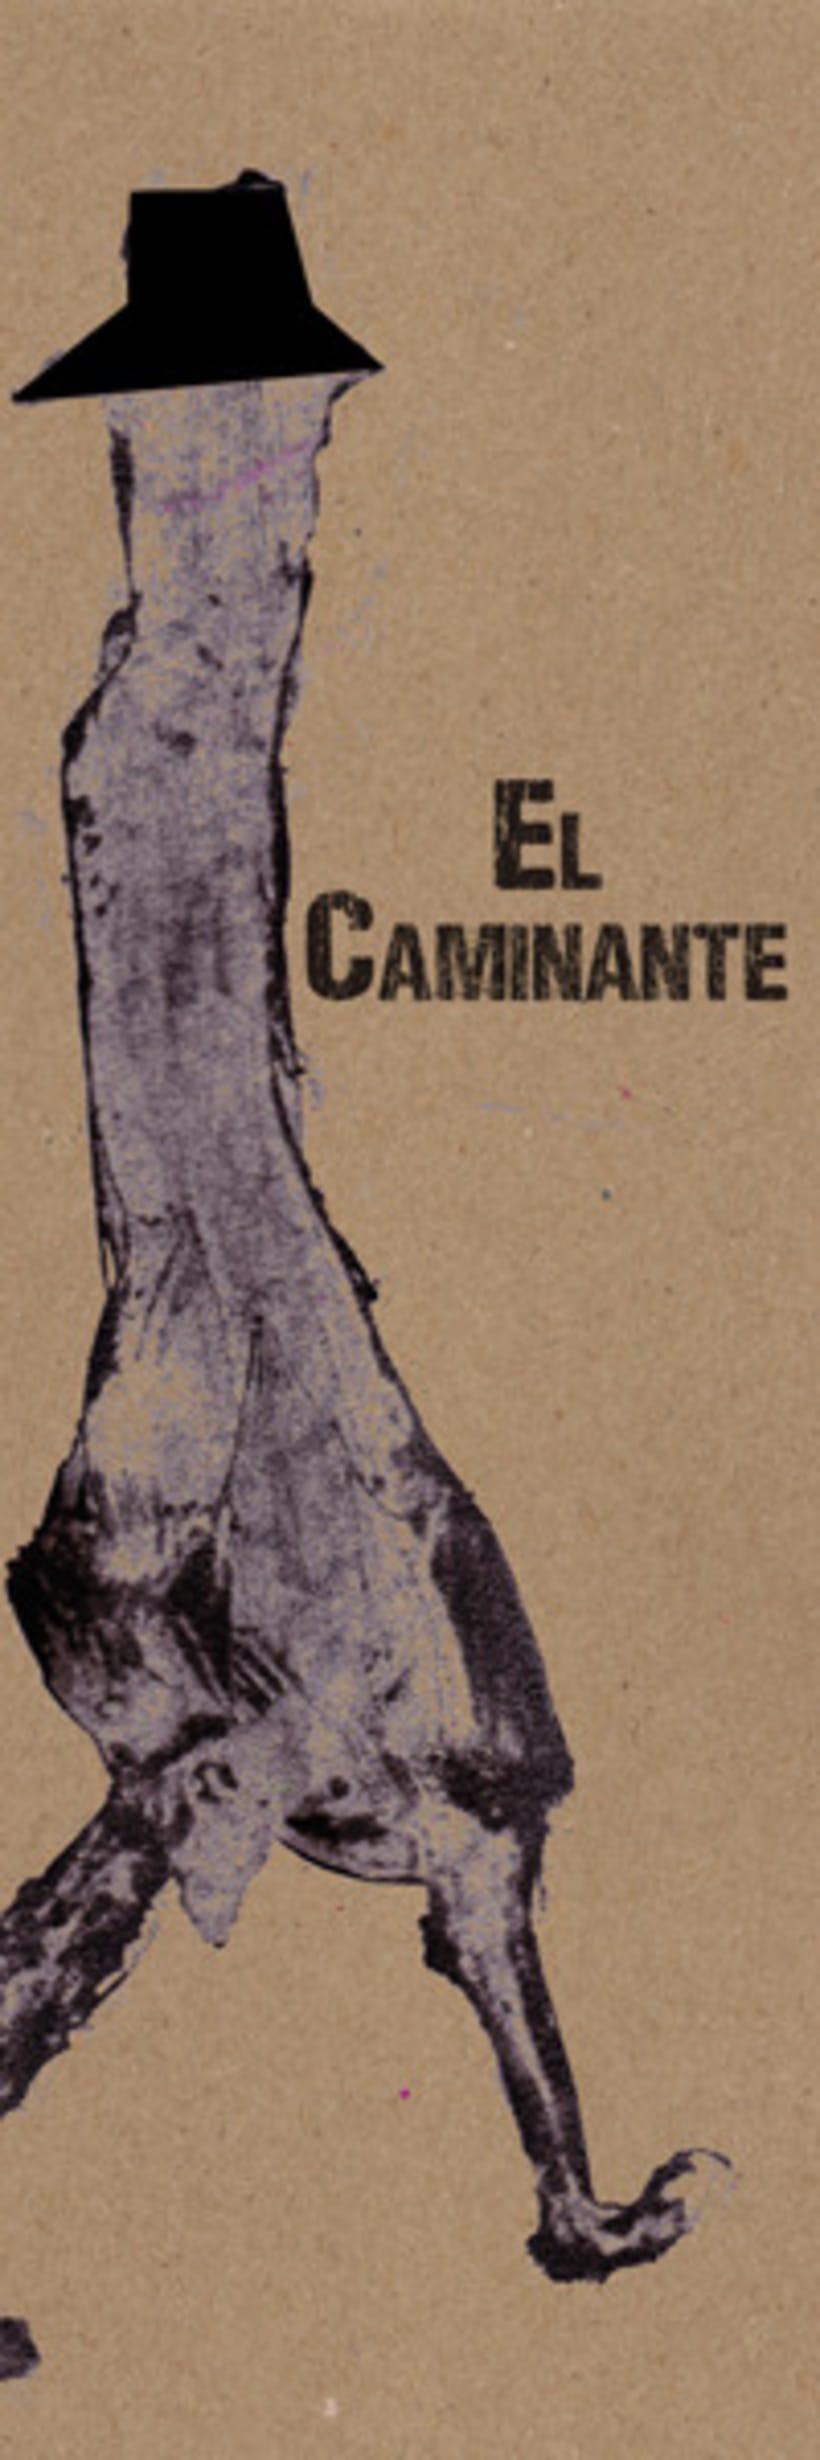 Campaña Editorial El Caminante 5